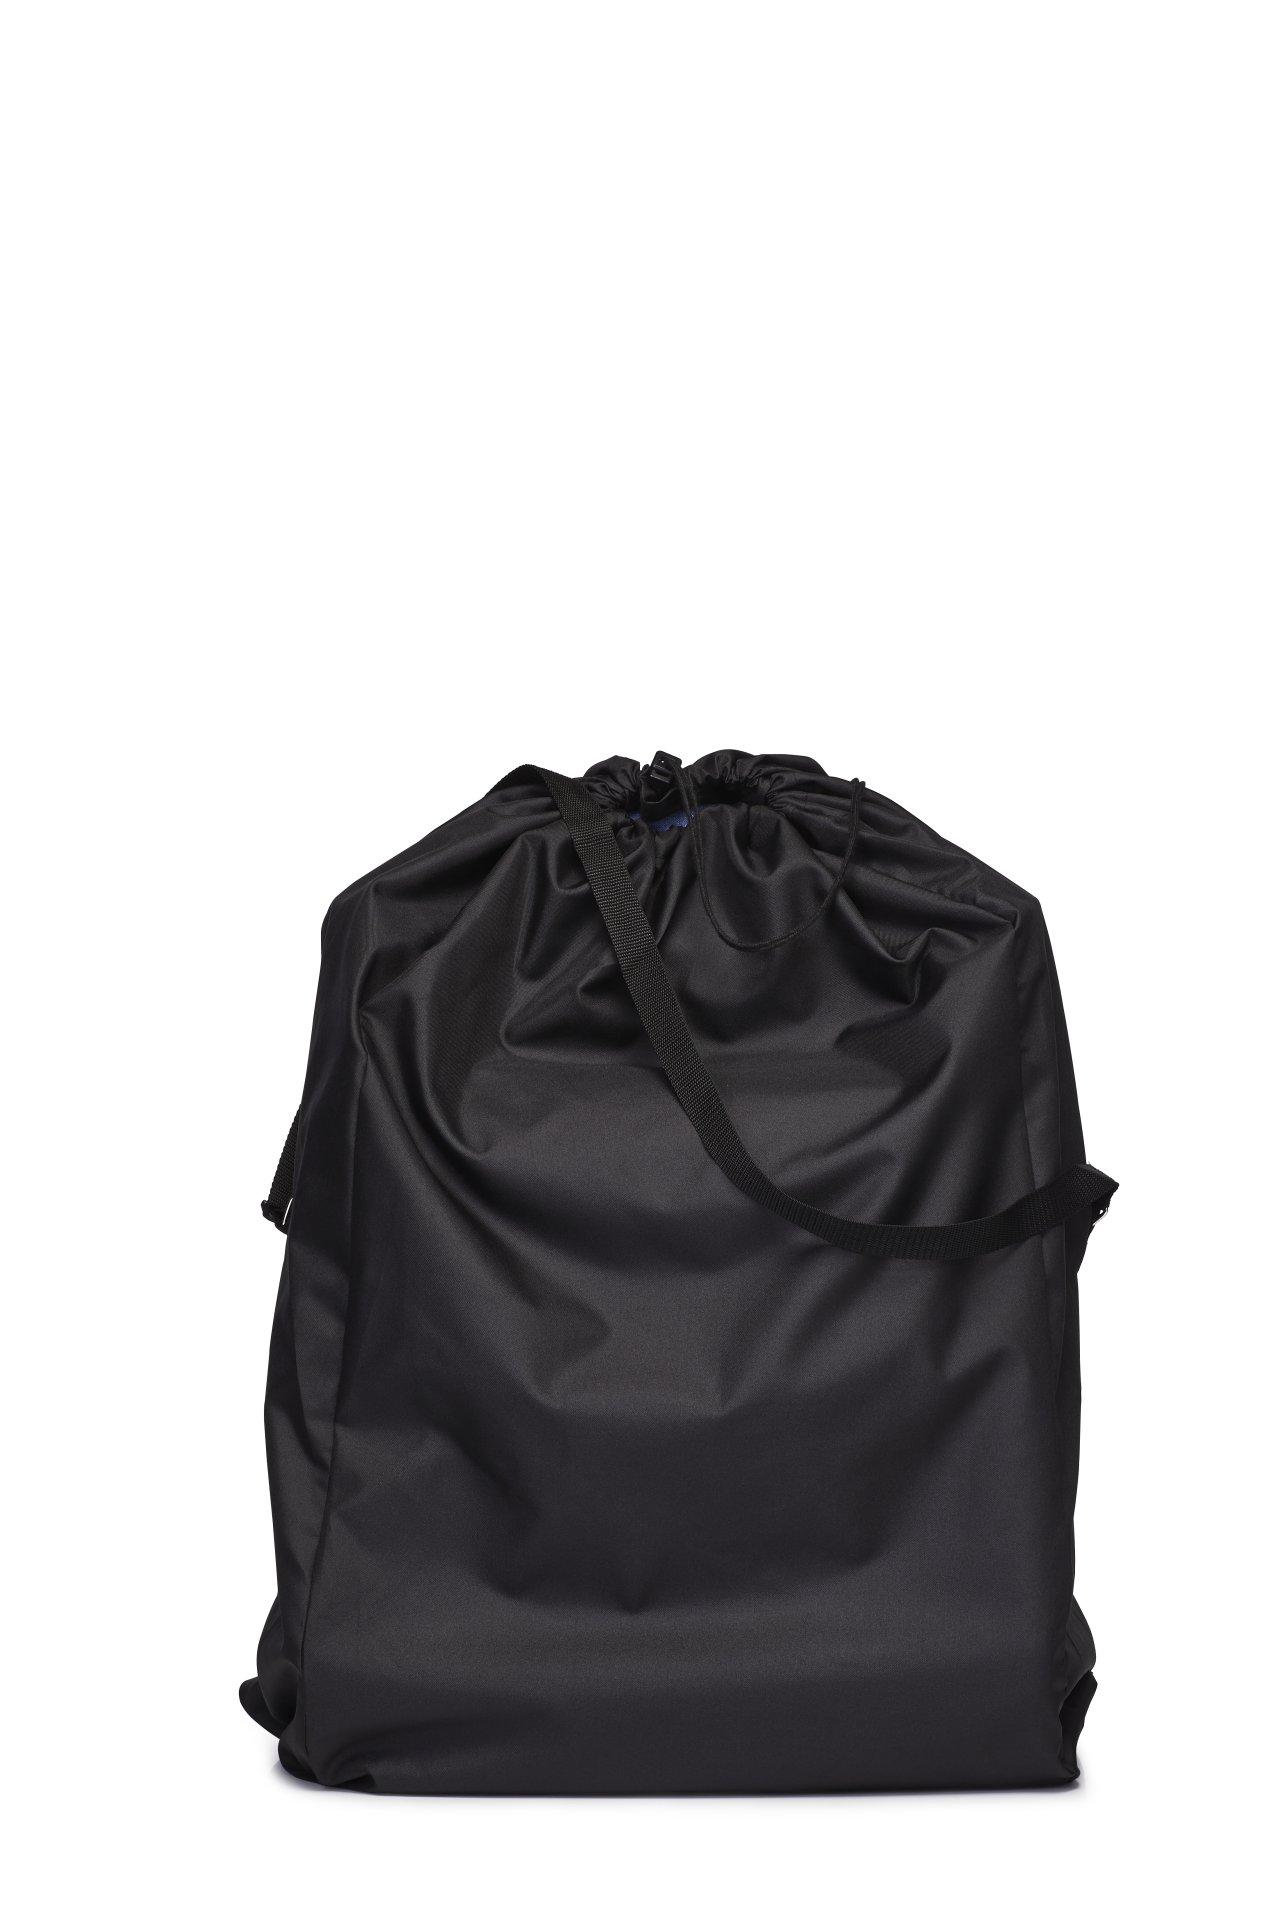 Easywalker Travel Bag For Buggy Xs Buy At Kidsroom